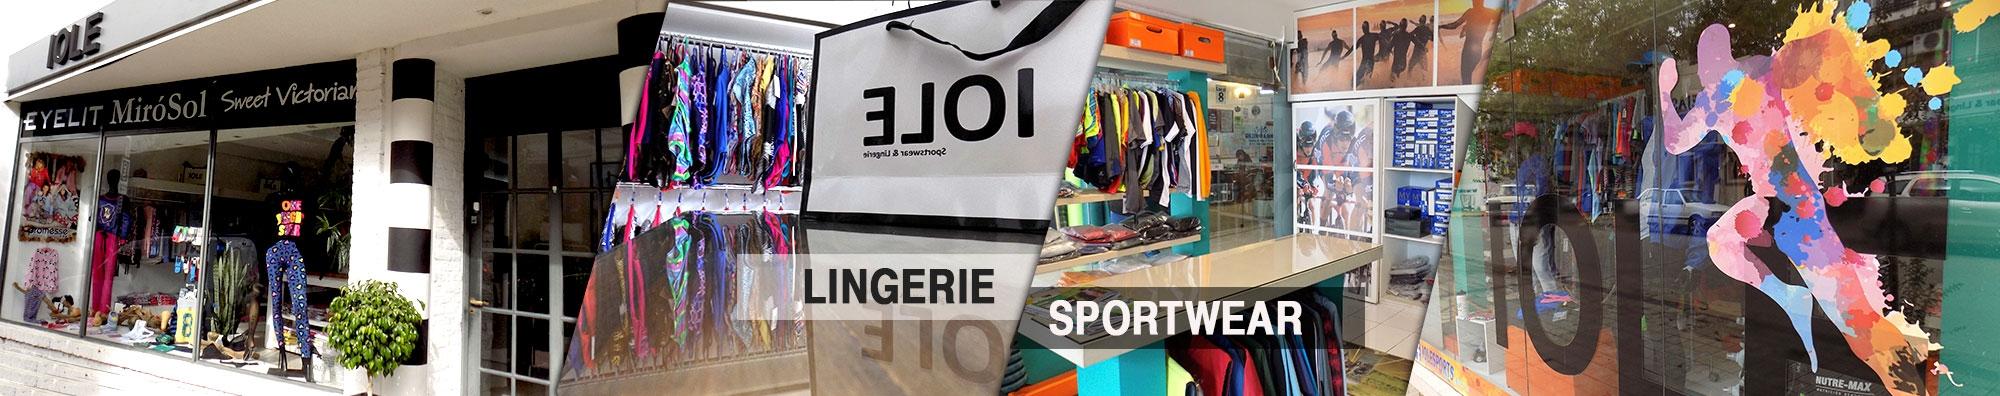 Iole Sportwear & Lingerie